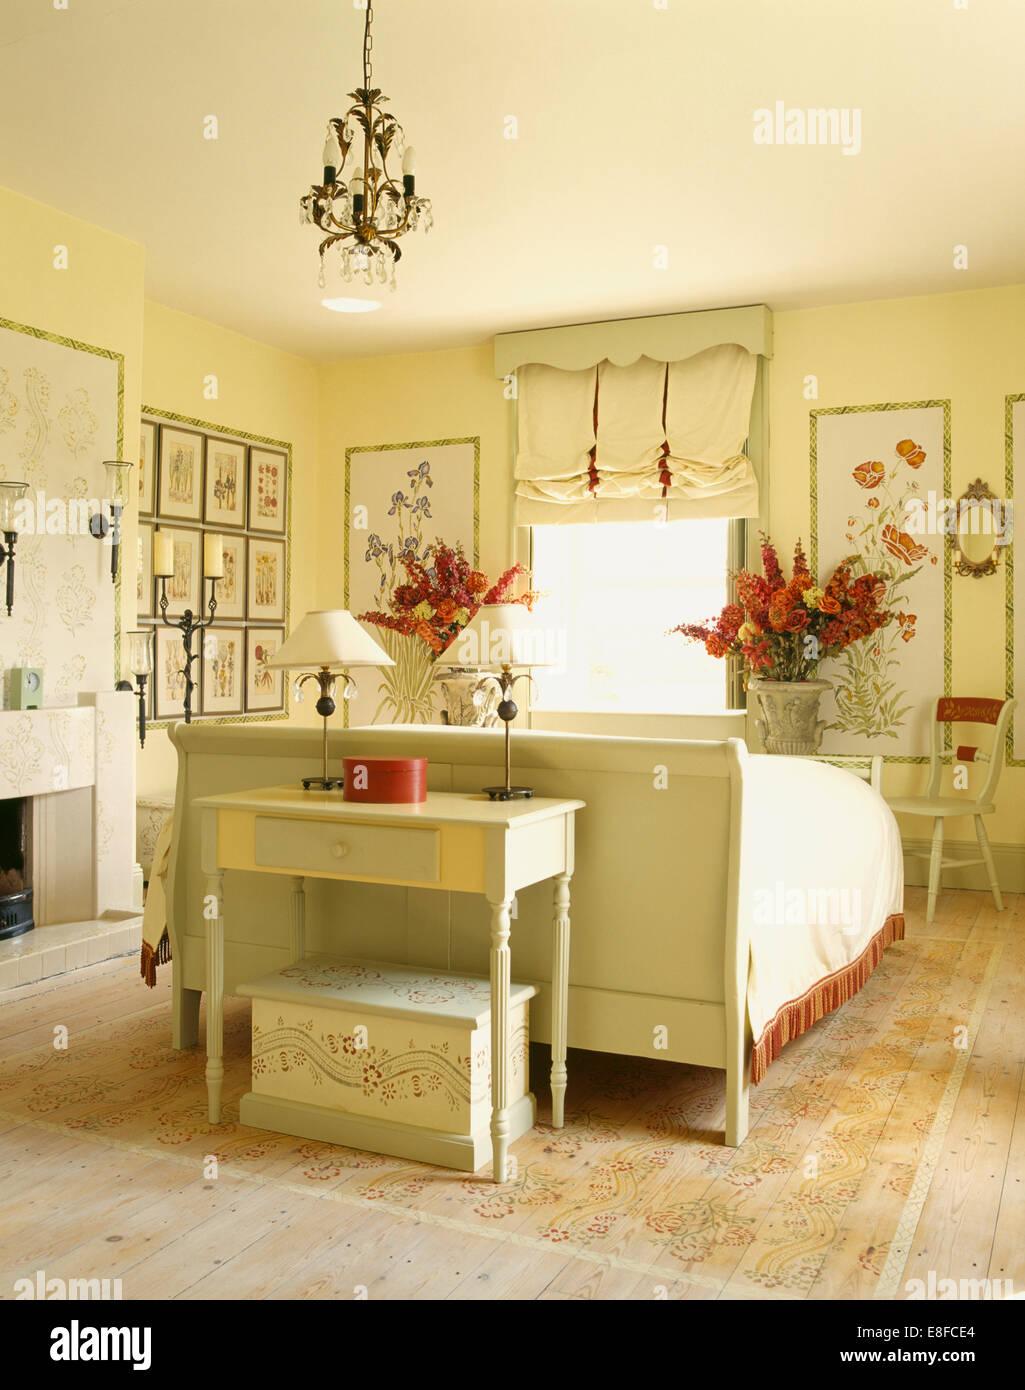 creme lackiert tisch und bett in land schlafzimmer mit perforierten